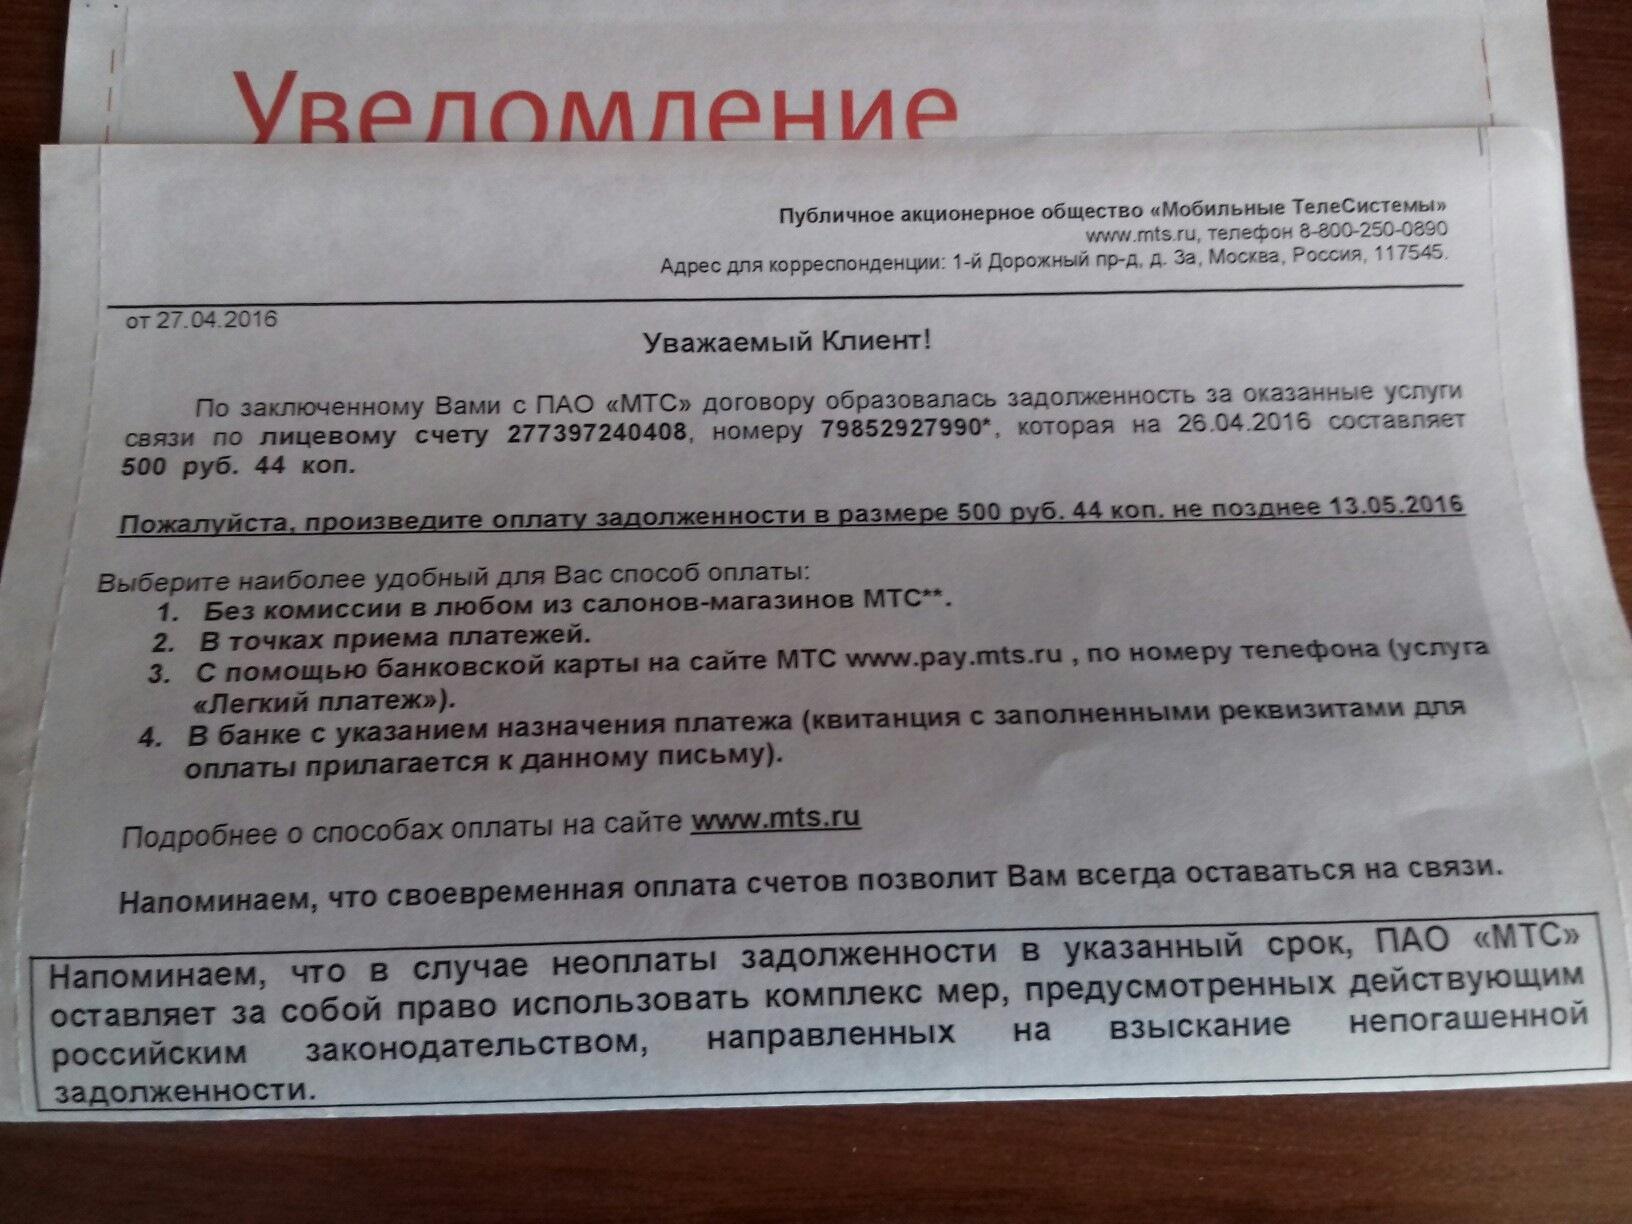 Письмо о возврате целевых пожертвований